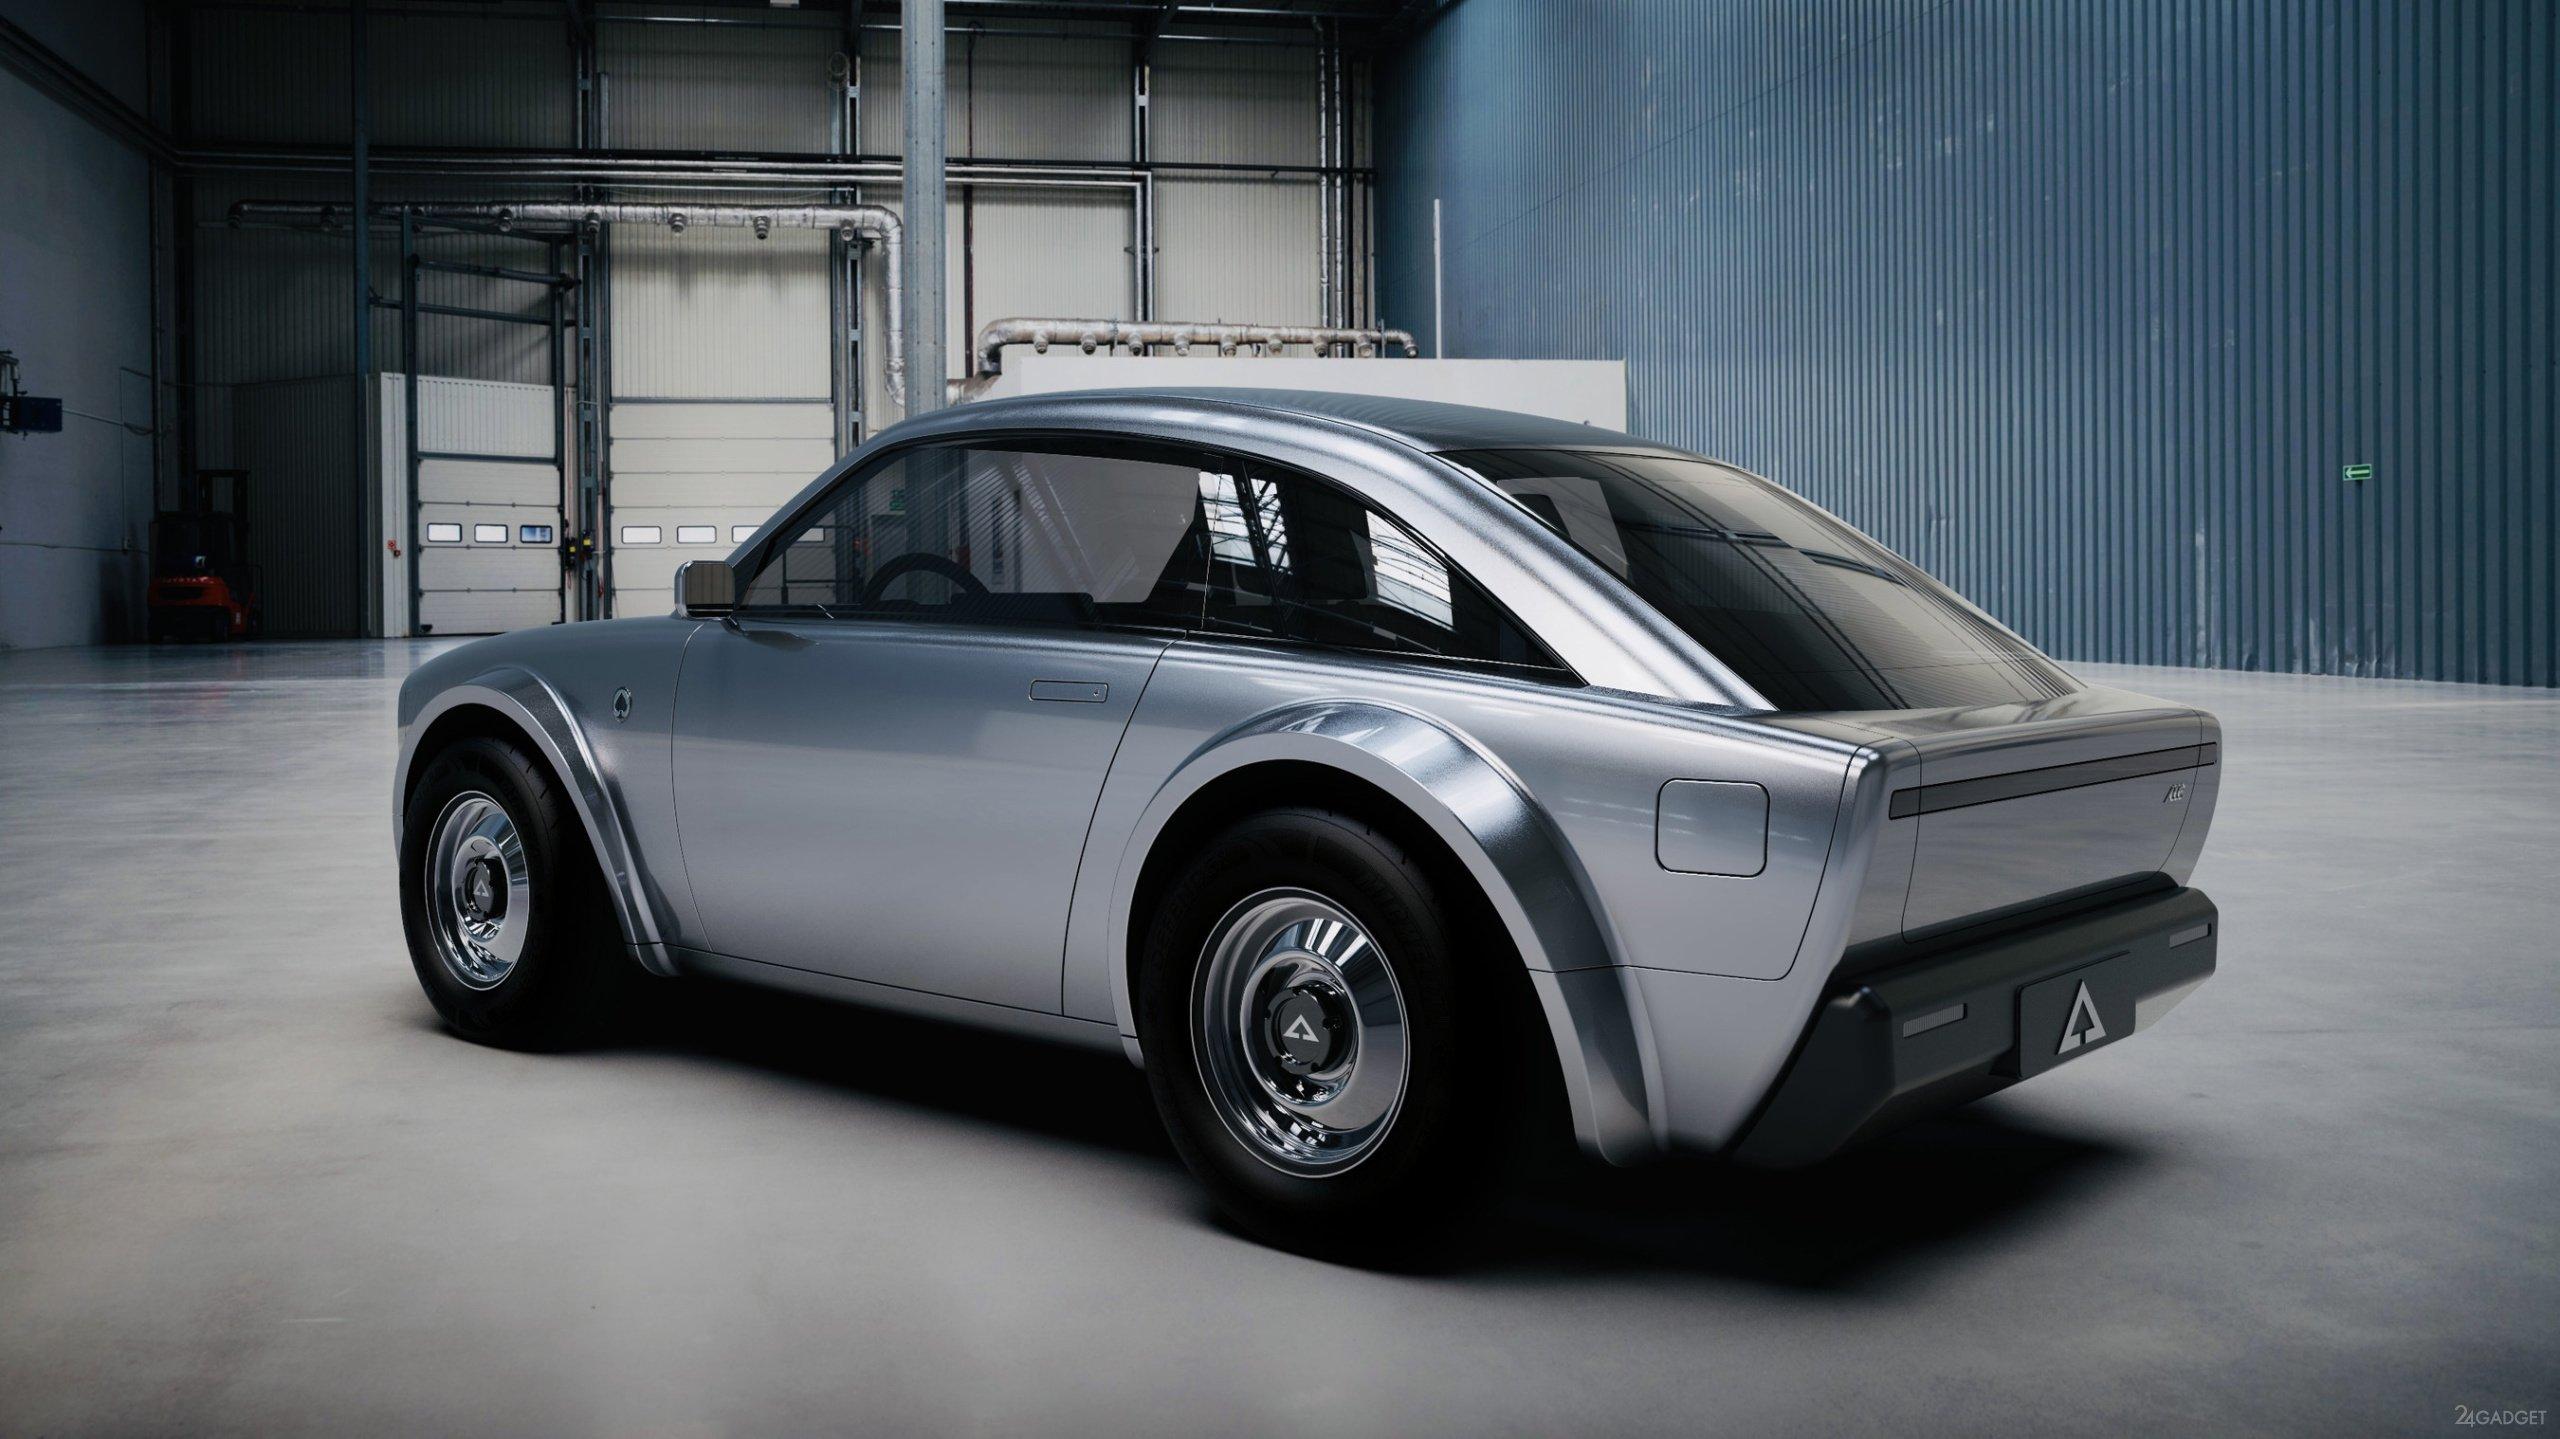 Alpha Motor анонсирует электрическое купе Alpha ACE в ретро стиле